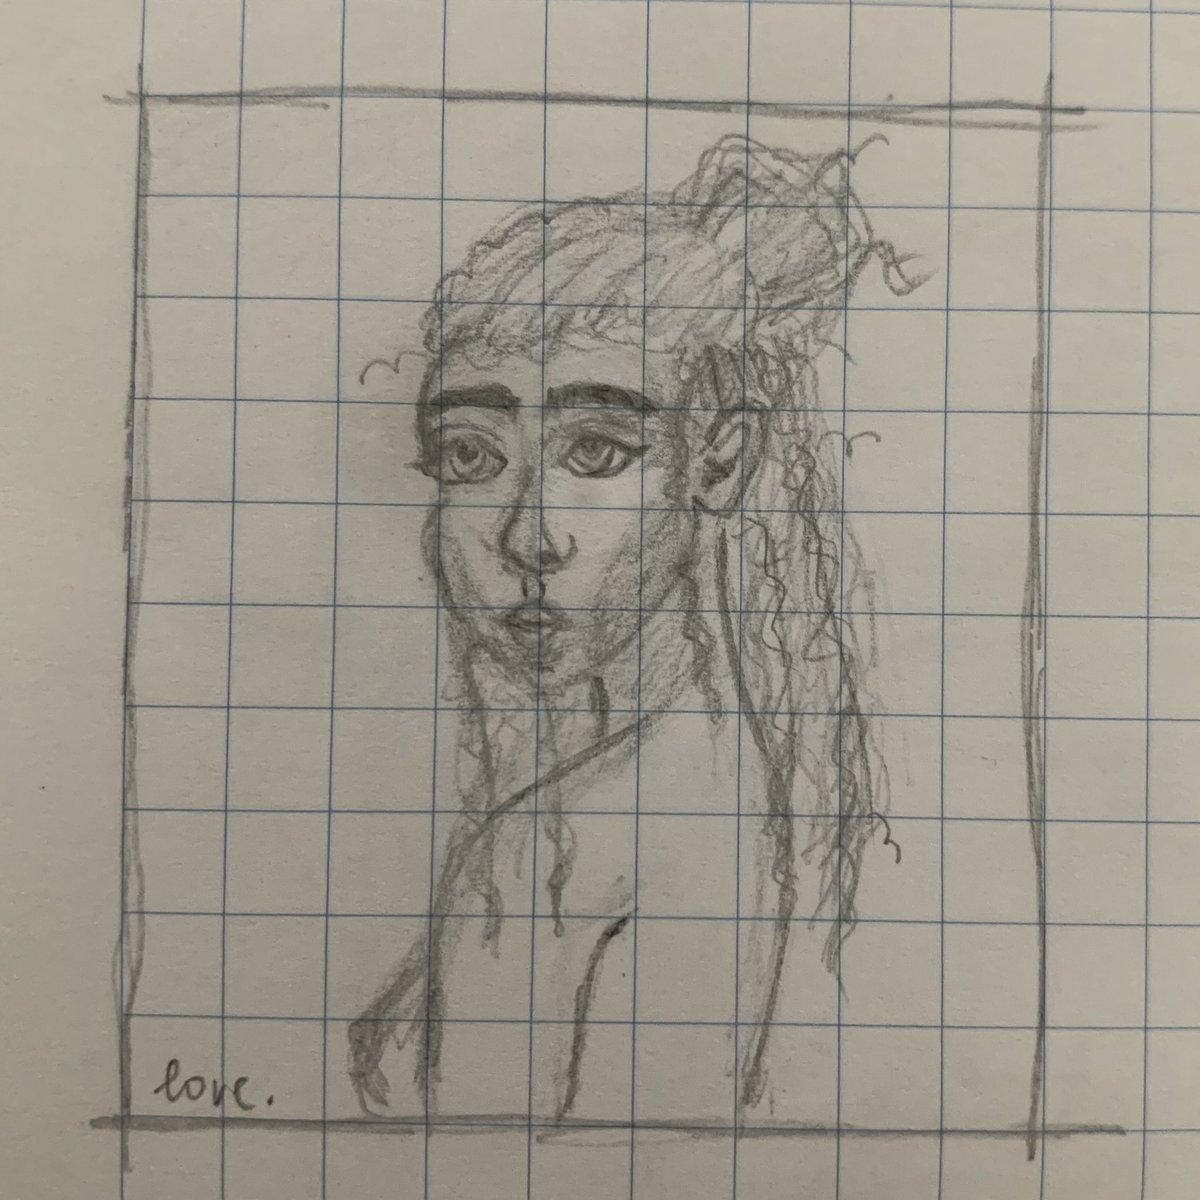 Porque não +1 no lápis da série de esboços direto do sketchbook? com direito a um pequeno teste digital...  #madeinlore #sketchbook #drawing #digitalart